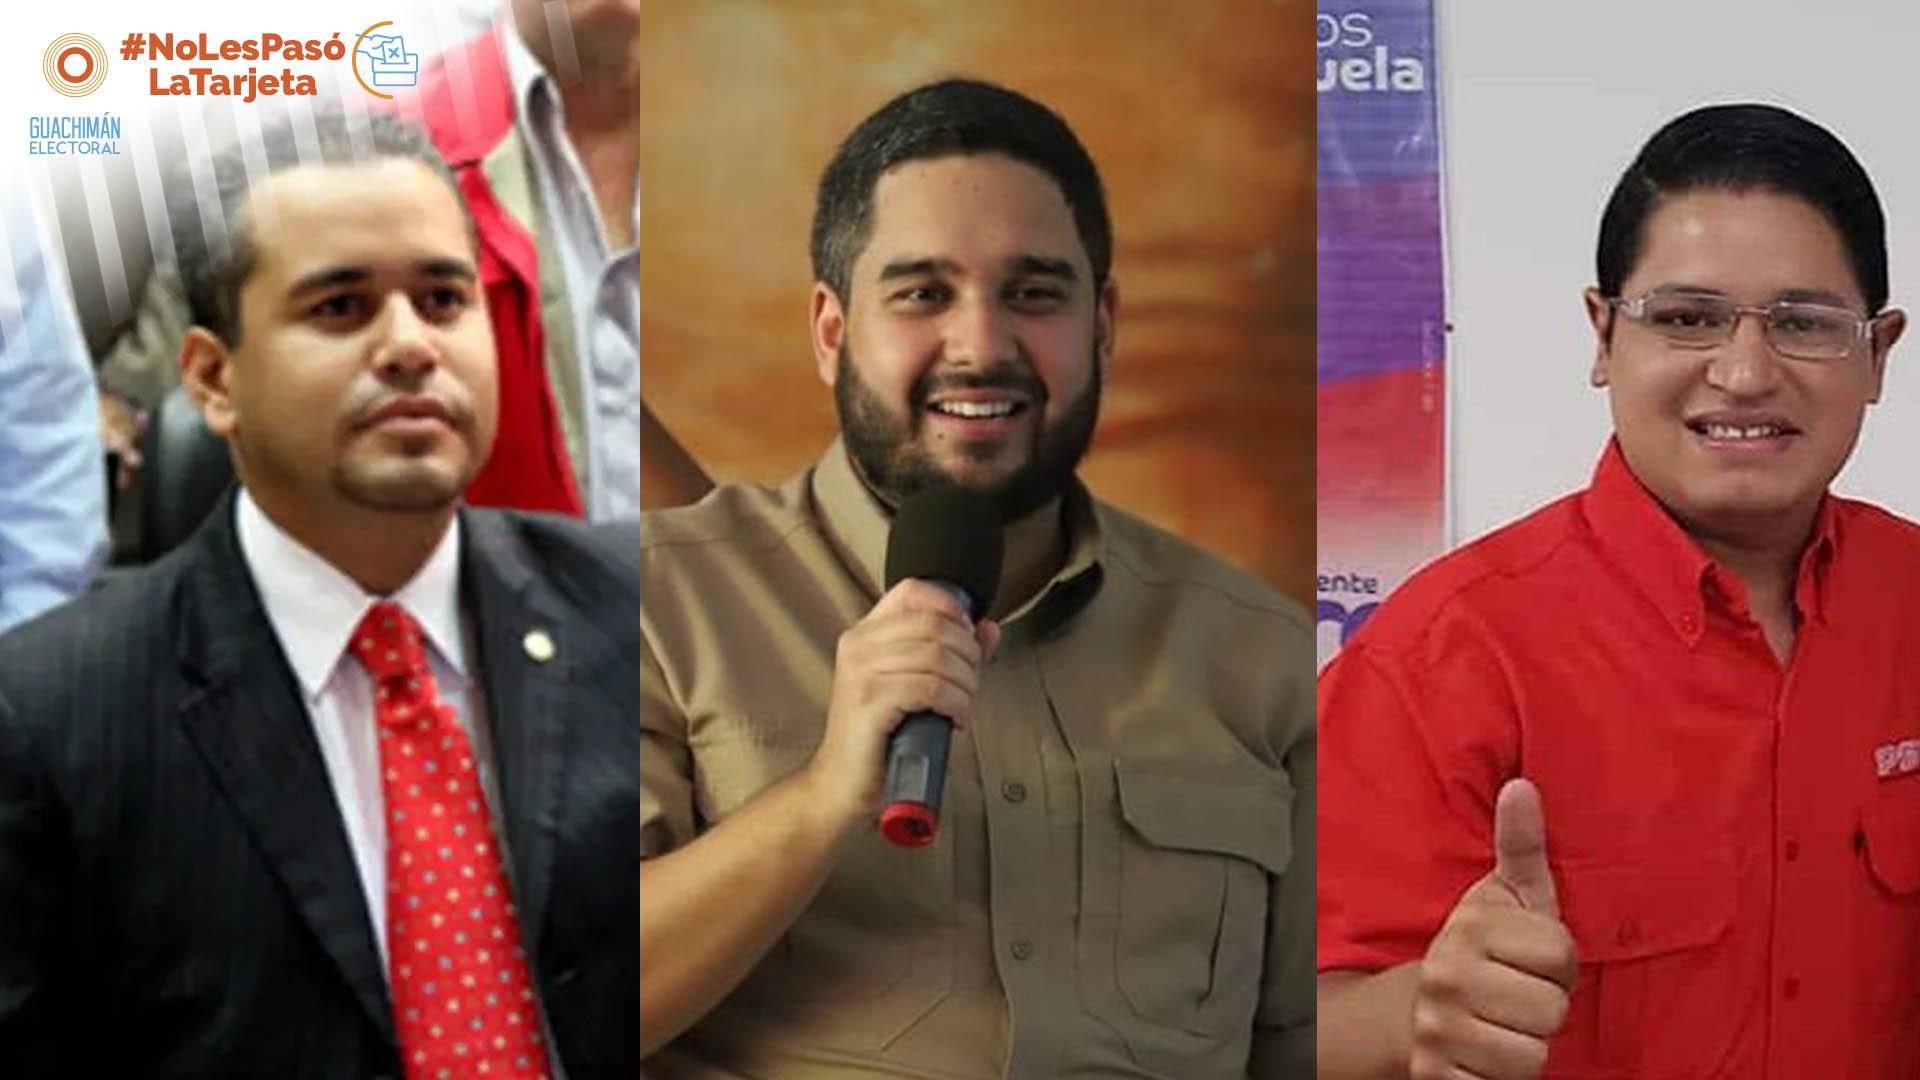 NoLesPasóLaTarjeta | Entre los candidatos junior del Psuv el abolengo cuenta